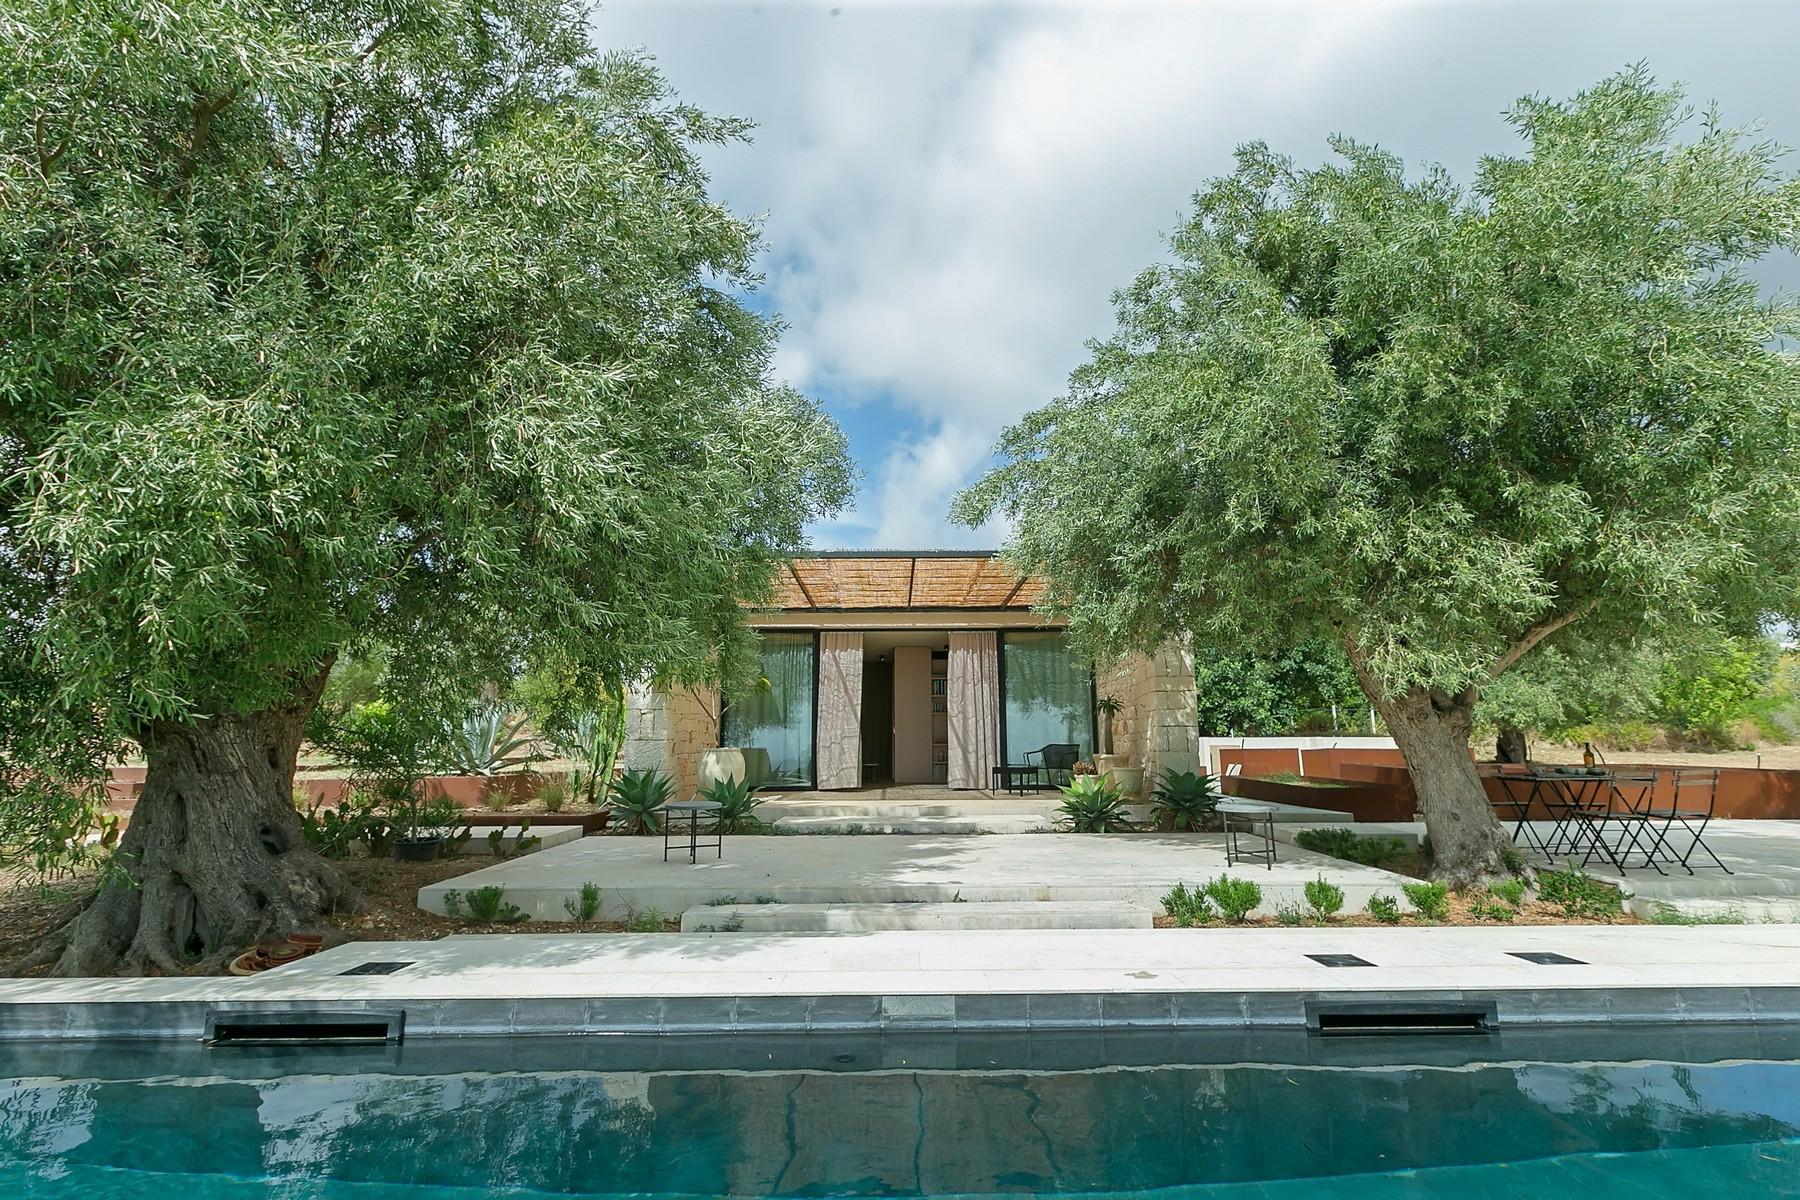 拥有游泳池和附属建筑当代设计的别墅 - 25